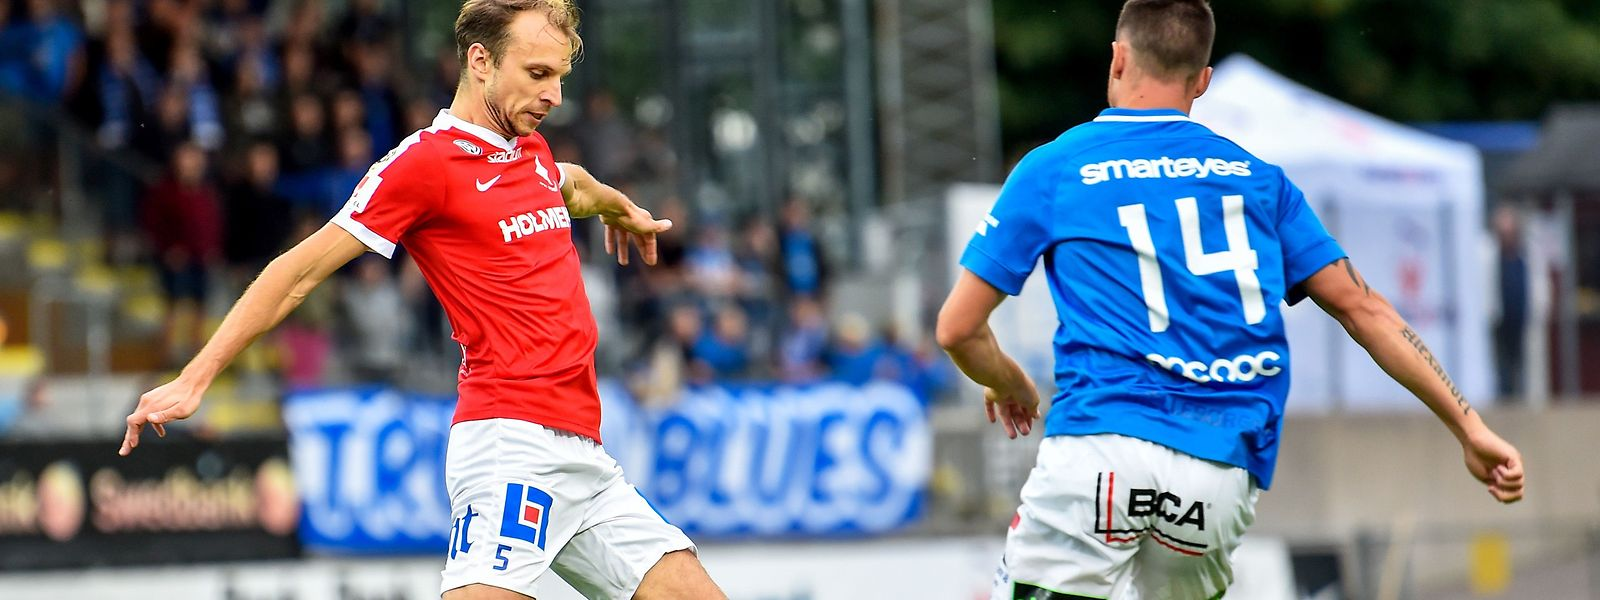 Lars Gerson (en rouge) a de nouveau occupé la place de milieu droit, ce jeudi en championnat de Suède avec Norrköping contre Örebro